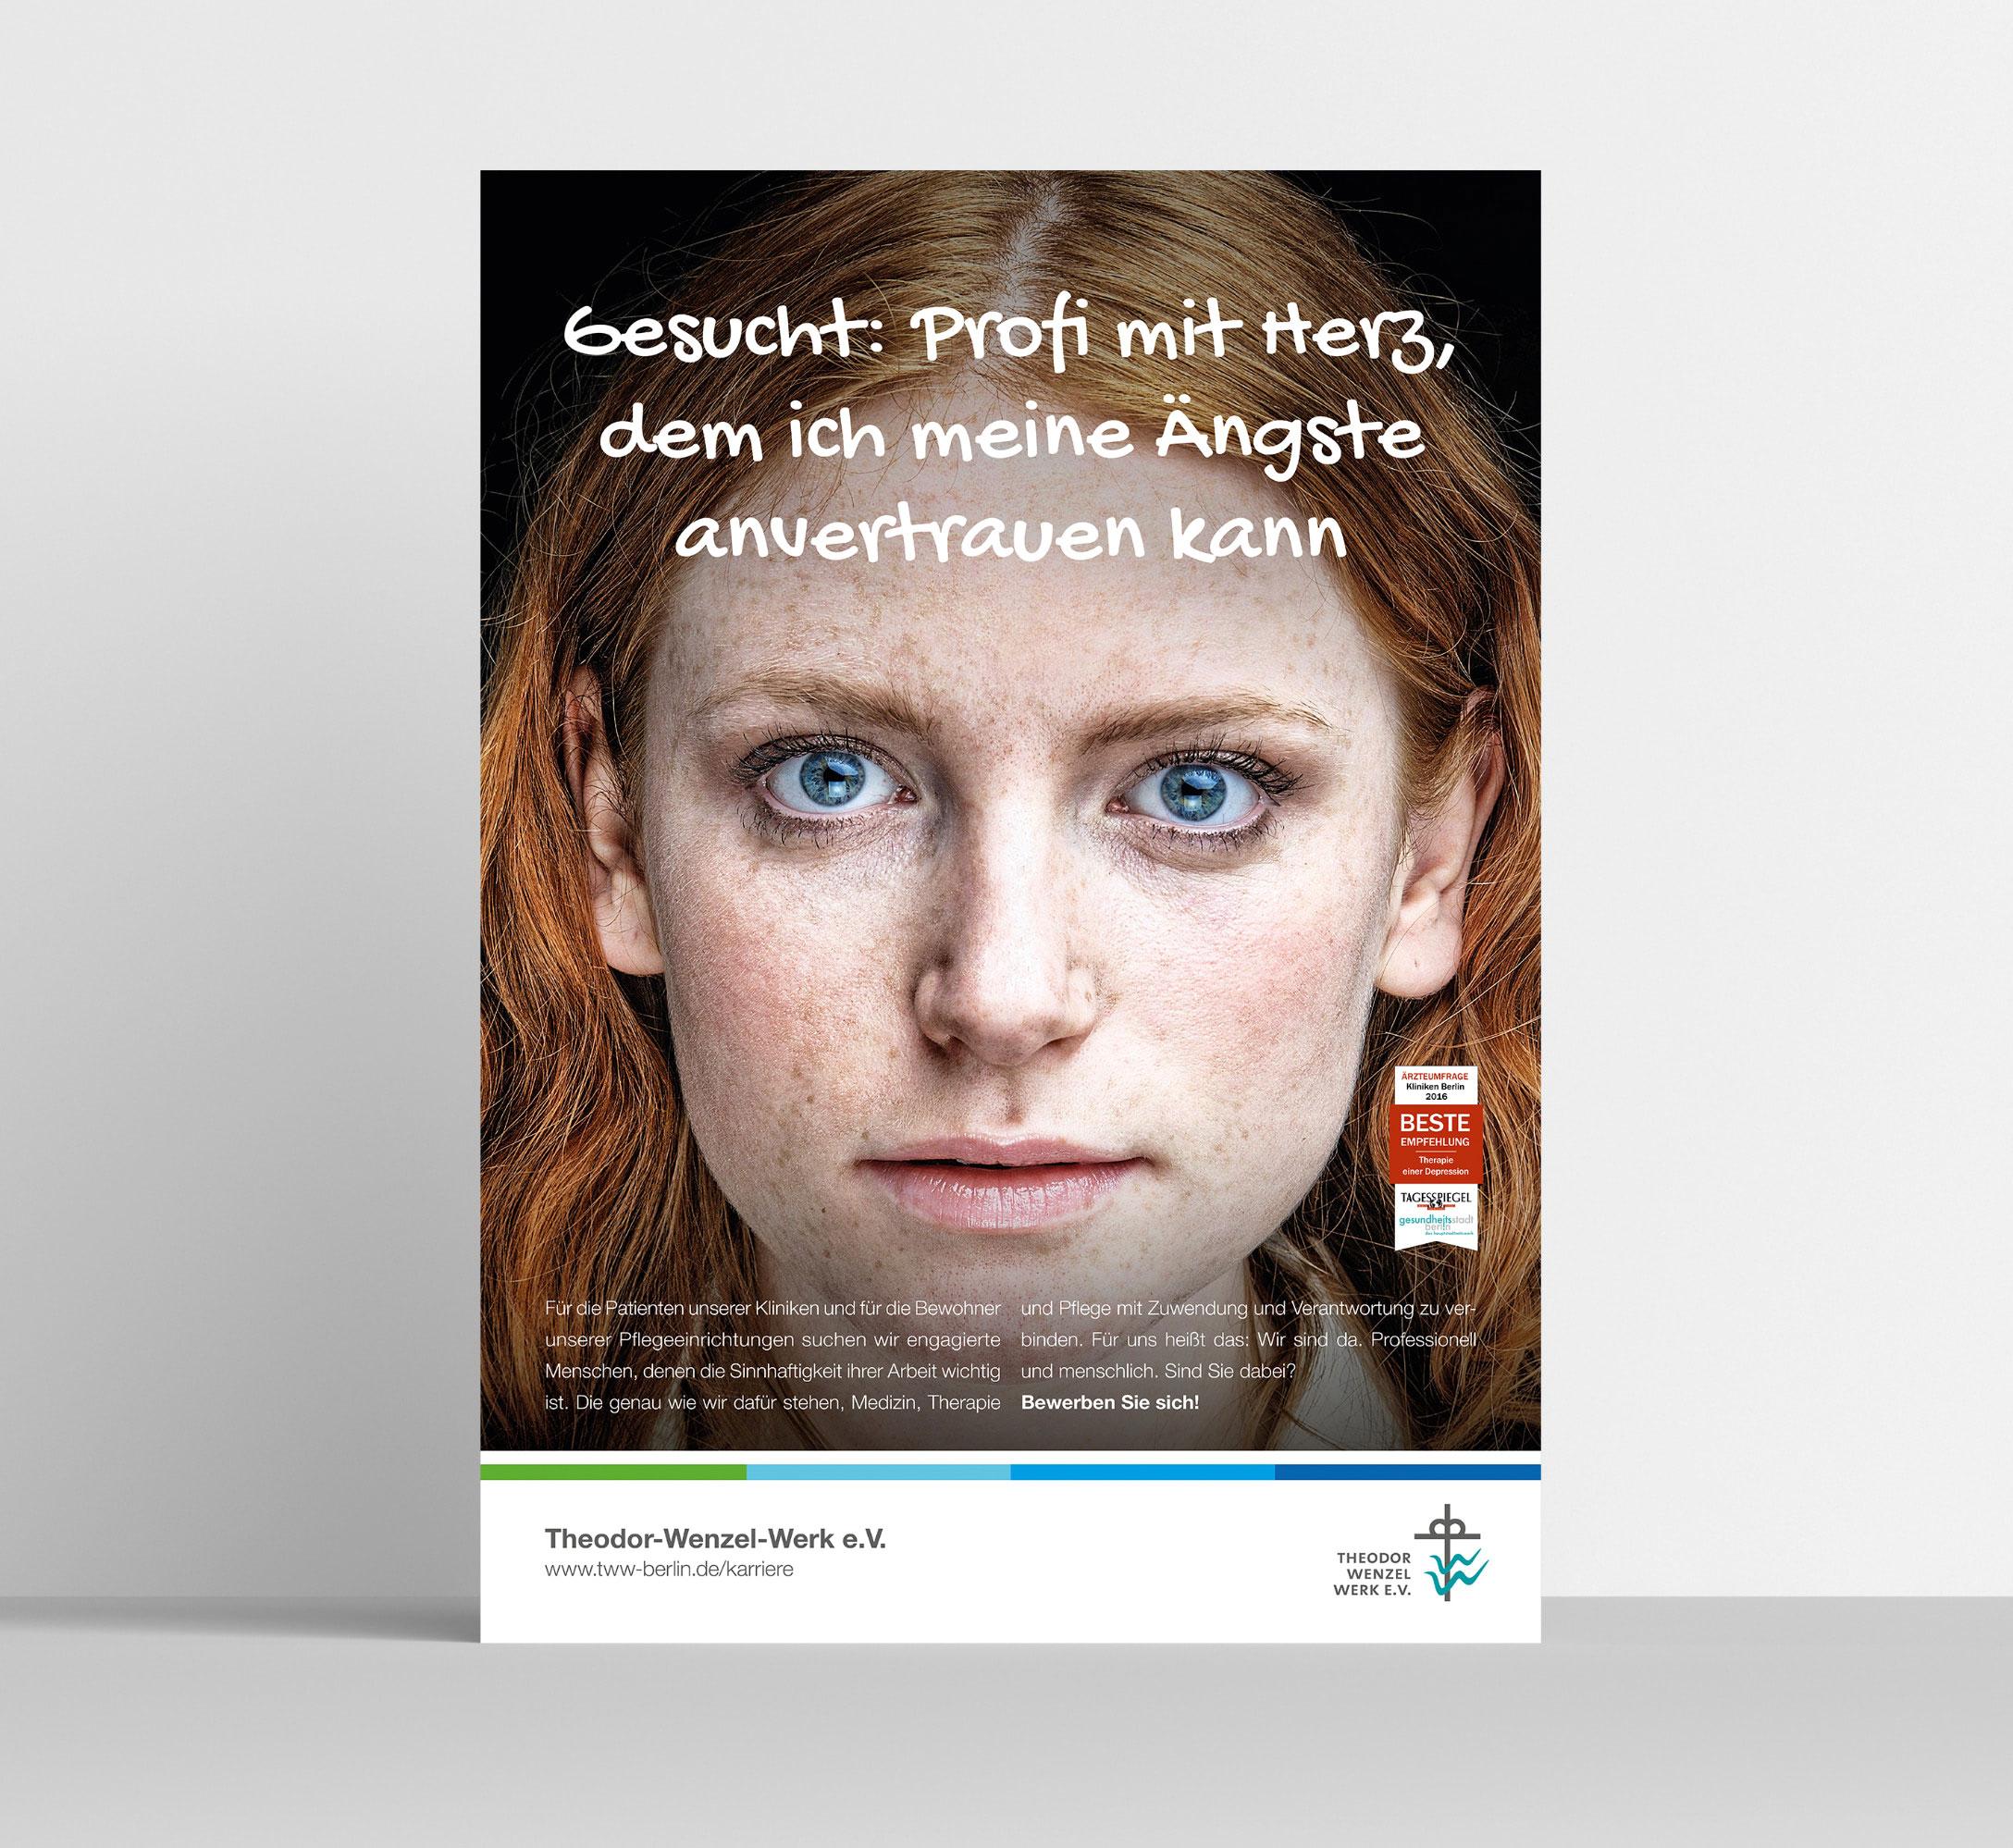 Das zweite Kampagnenmotiv für Personalmarketing von der Healthcare Werbeagentur mcs zeigt das Gesicht einer jungen Frau, die geradewegs in die Kamera guckt